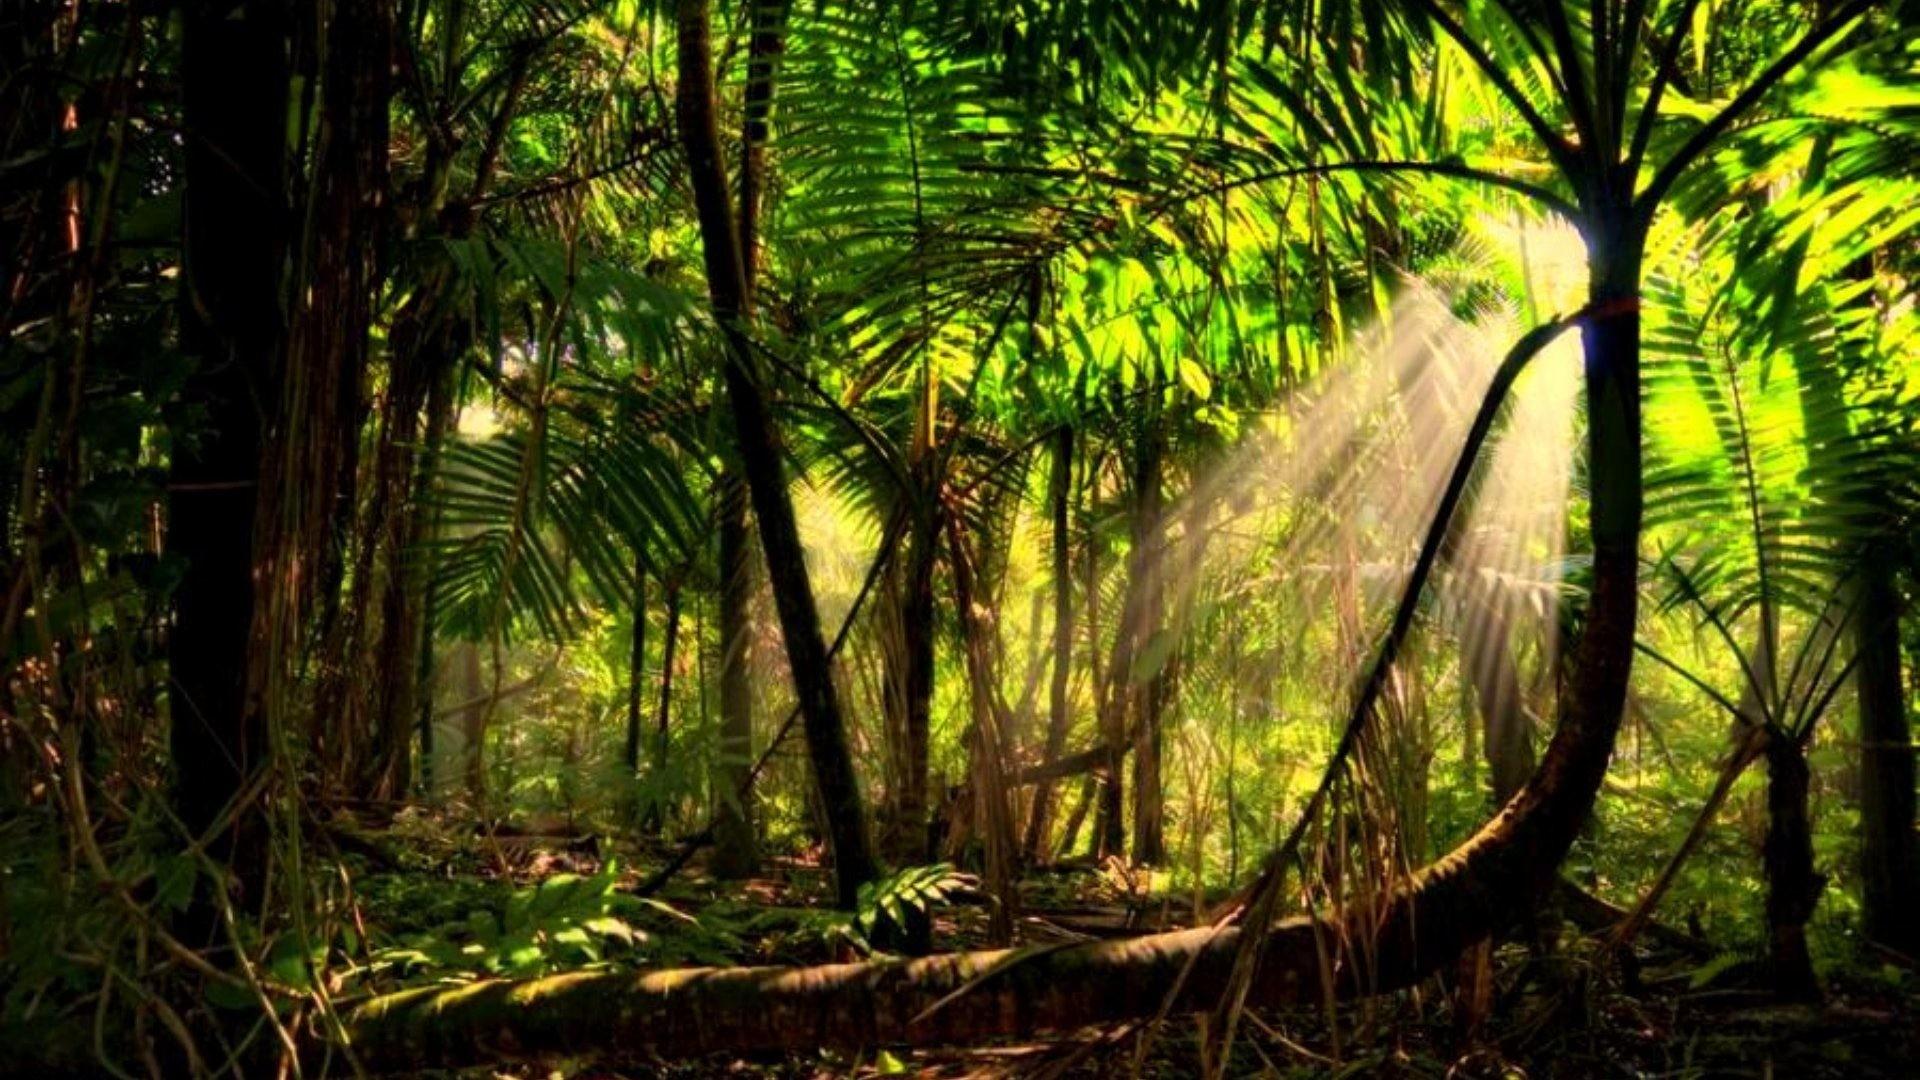 Forest Amazon Trees Rainforest Sun Mist Rays Amazonion Beams Beautiful  Wallpapers Hd – 1920×1280